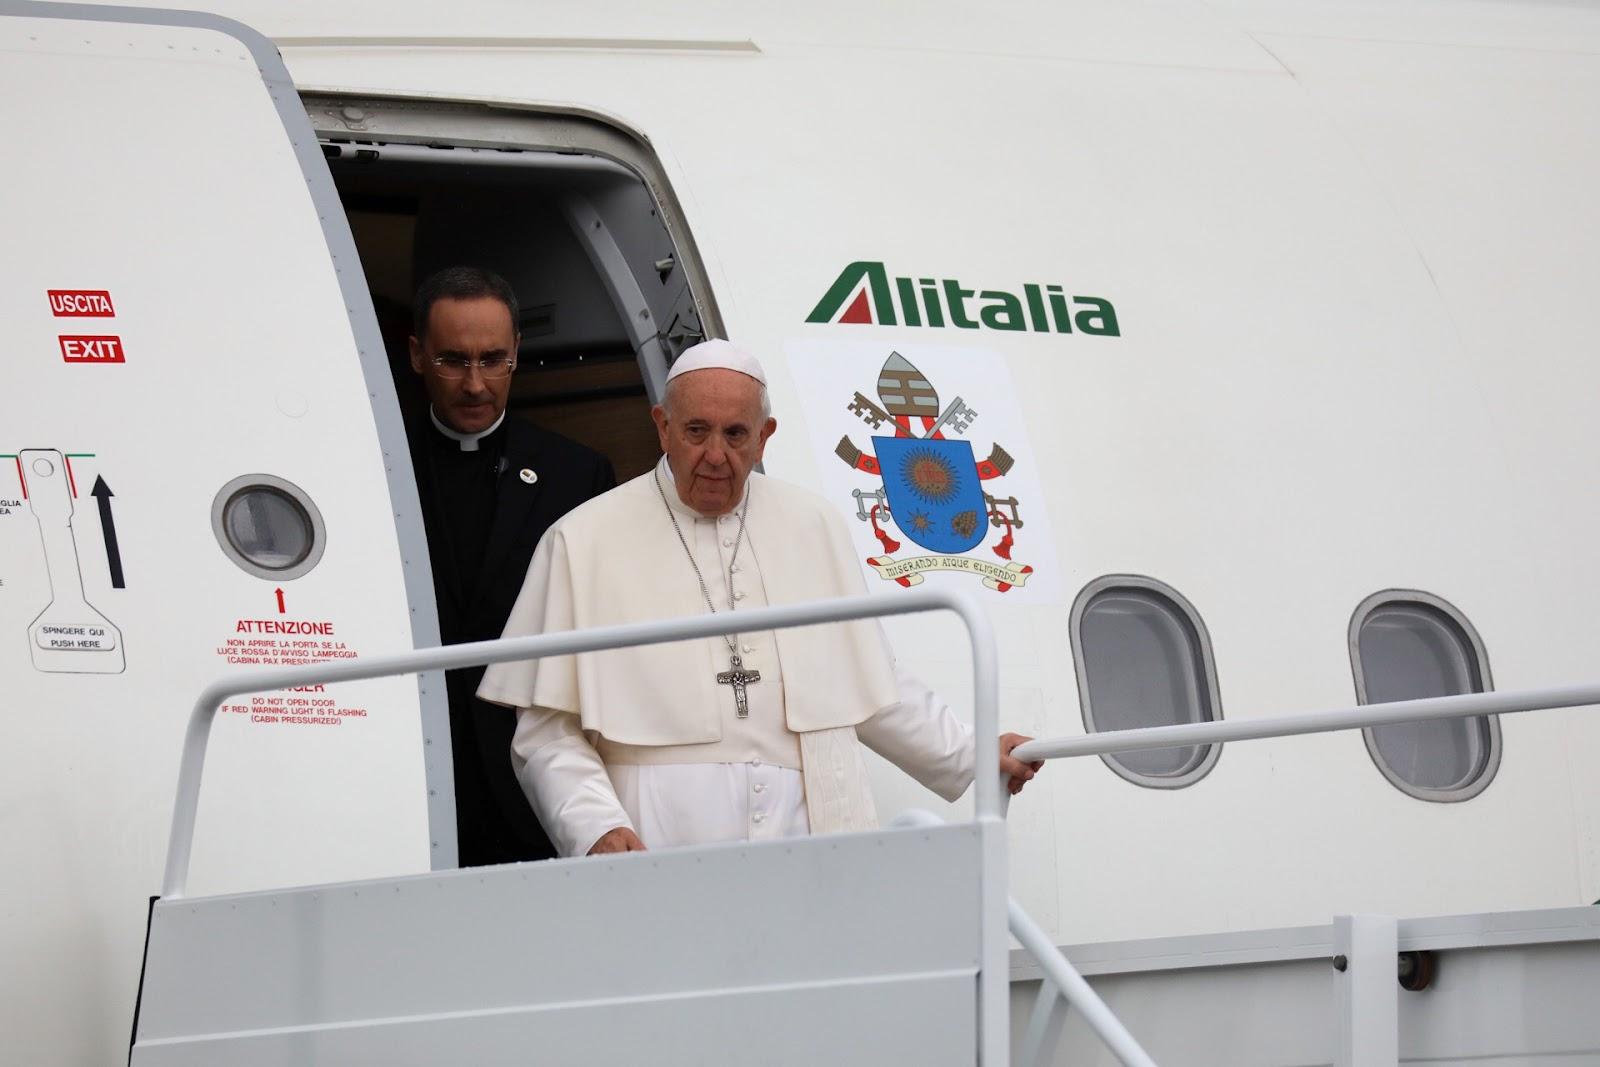 PHỎNG VẤN: Giám mục của Baghdad: Cho dù có 'sự khủng hoảng đức tin' hôm nay, chuyến thăm đầu tiên của Đức Giáo hoàng đến Iraq sẽ là nguồn 'niềm vui lớn'